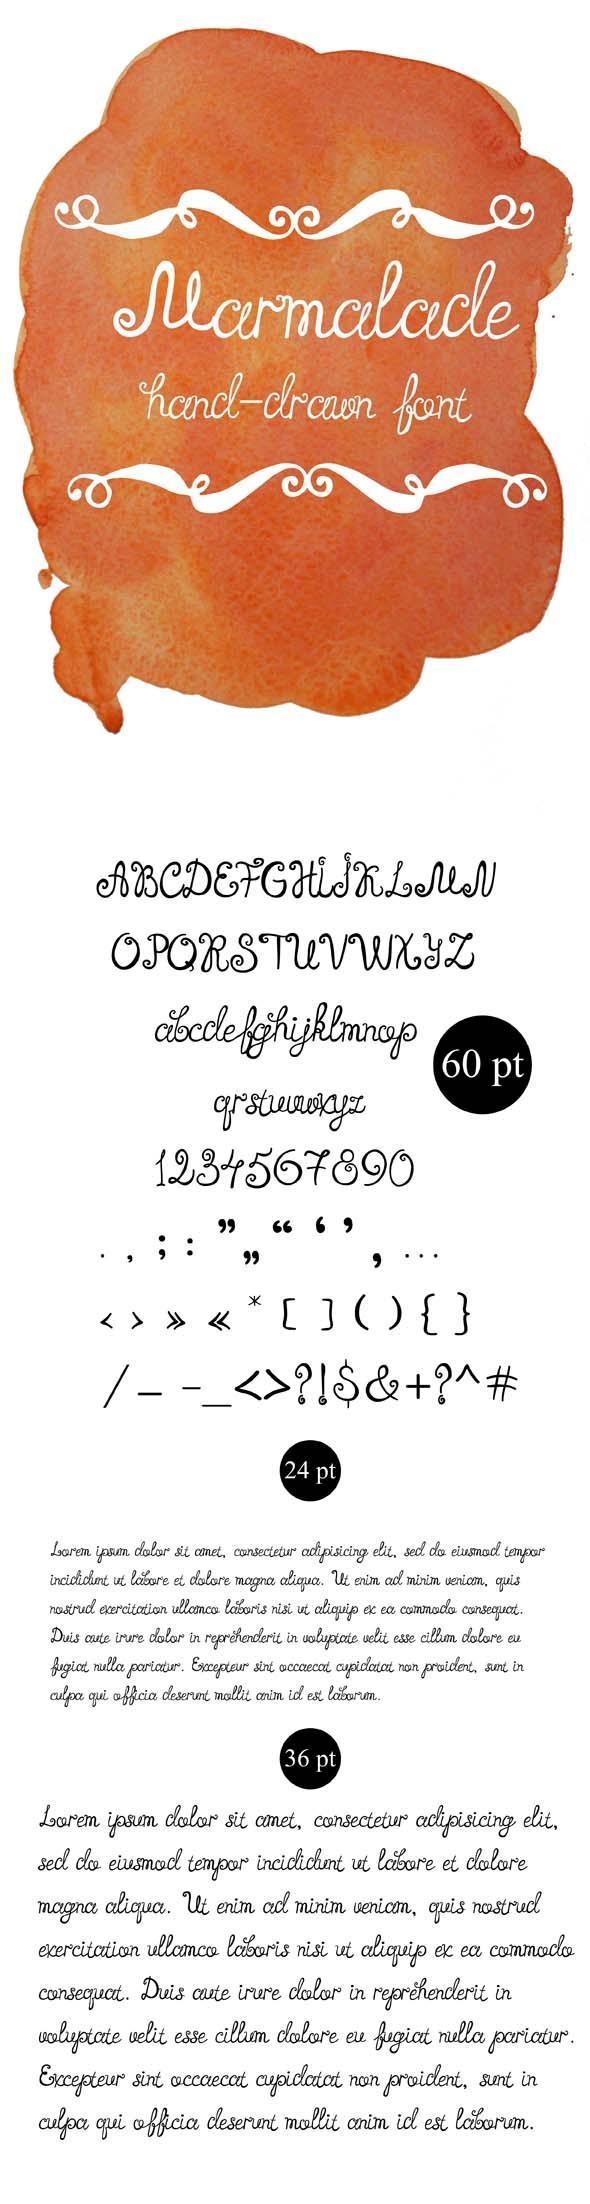 Marmalade Hand-Written Font - Hand-writing Script